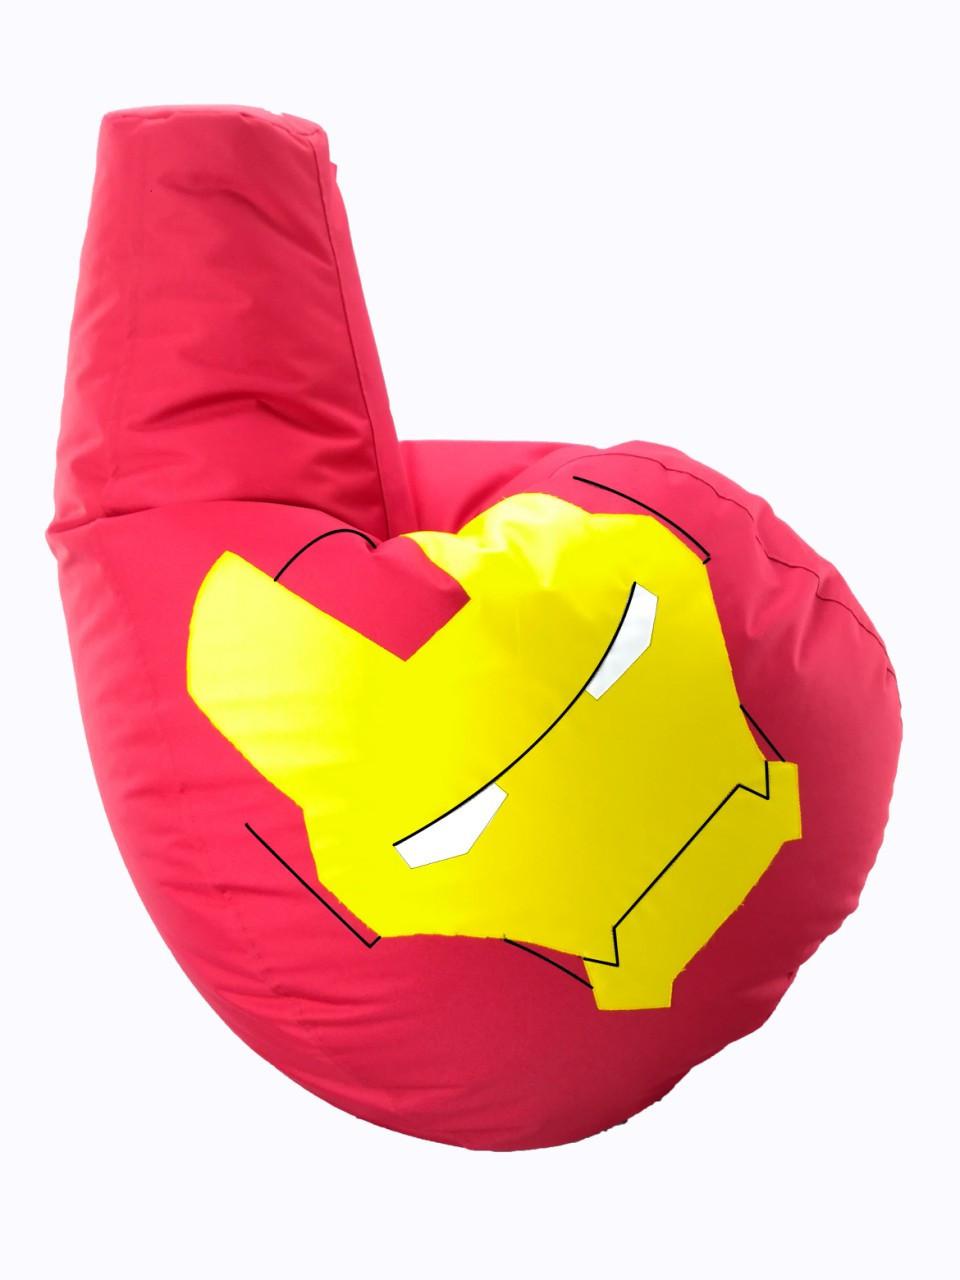 Кресло-мешок, груша Железный человек. Оксфорд 100*140 см. С дополнительным чехлом